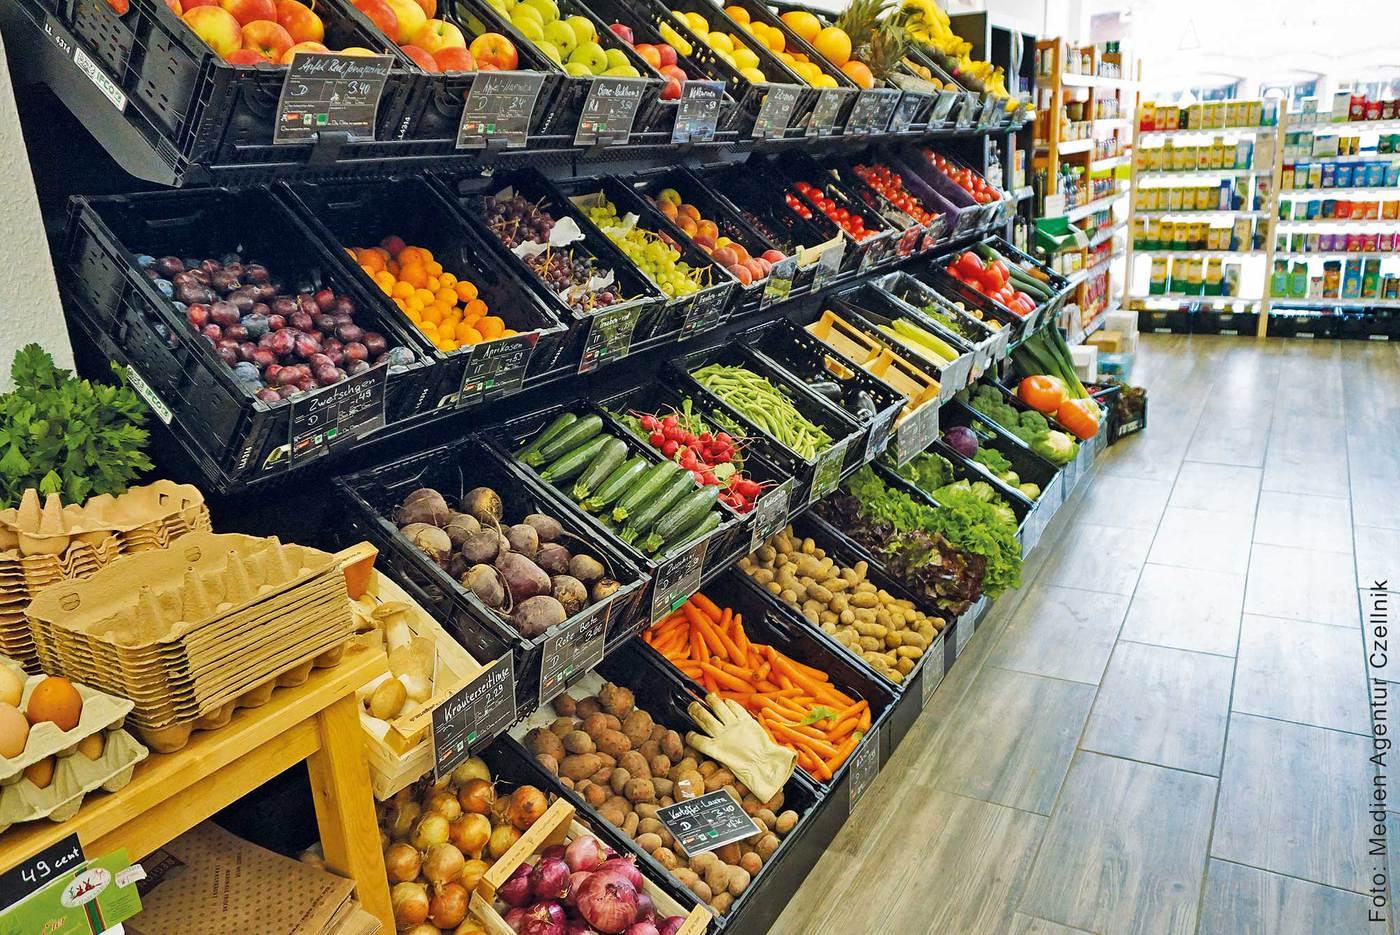 Topi Obst und Gemüse